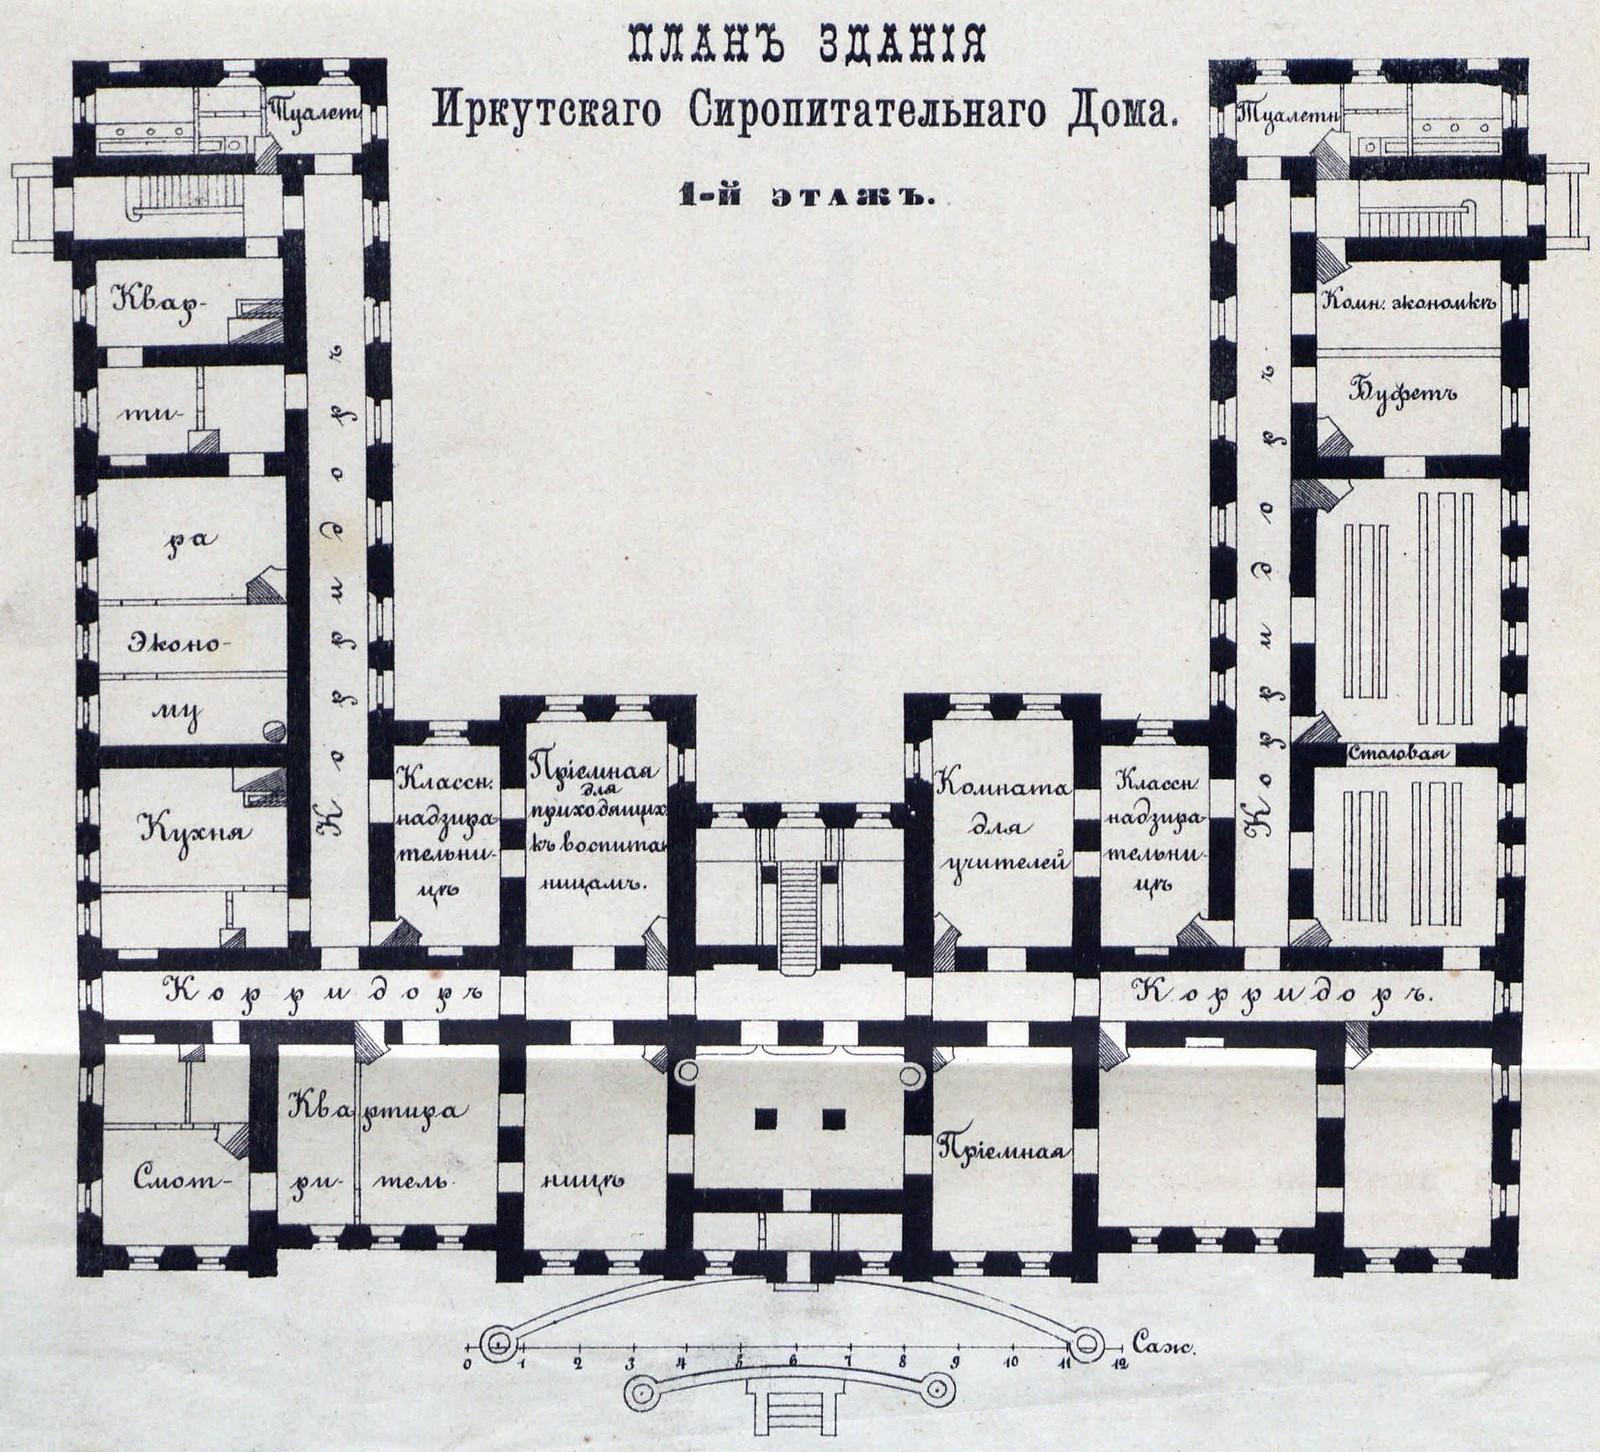 1888. План здания Иркутского Сиропитательного дома  1-й этаж